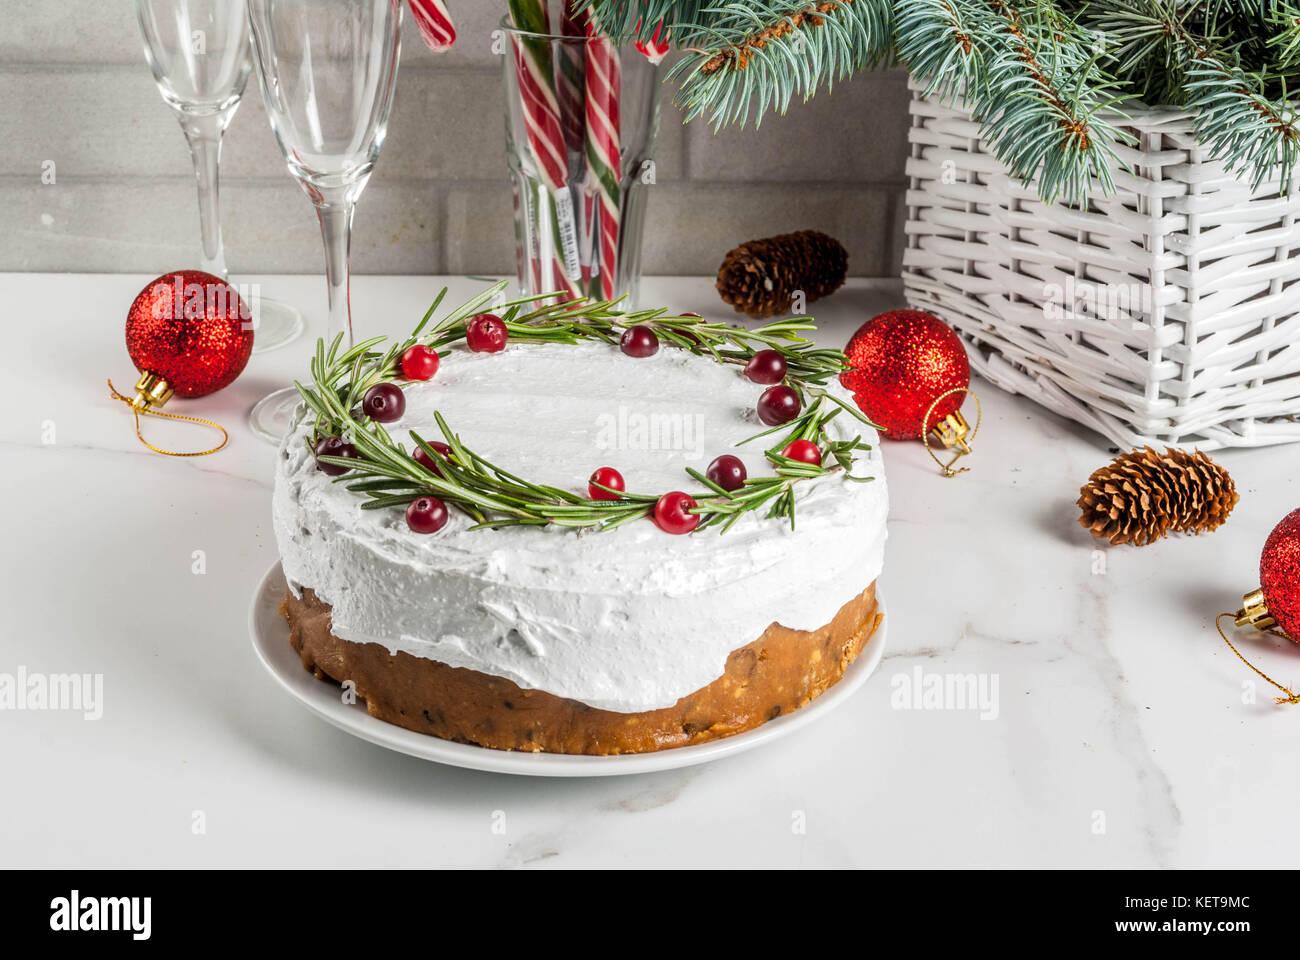 Natale Torta Di Frutta O Budini Decorata Con Rosmarino E Cranberry